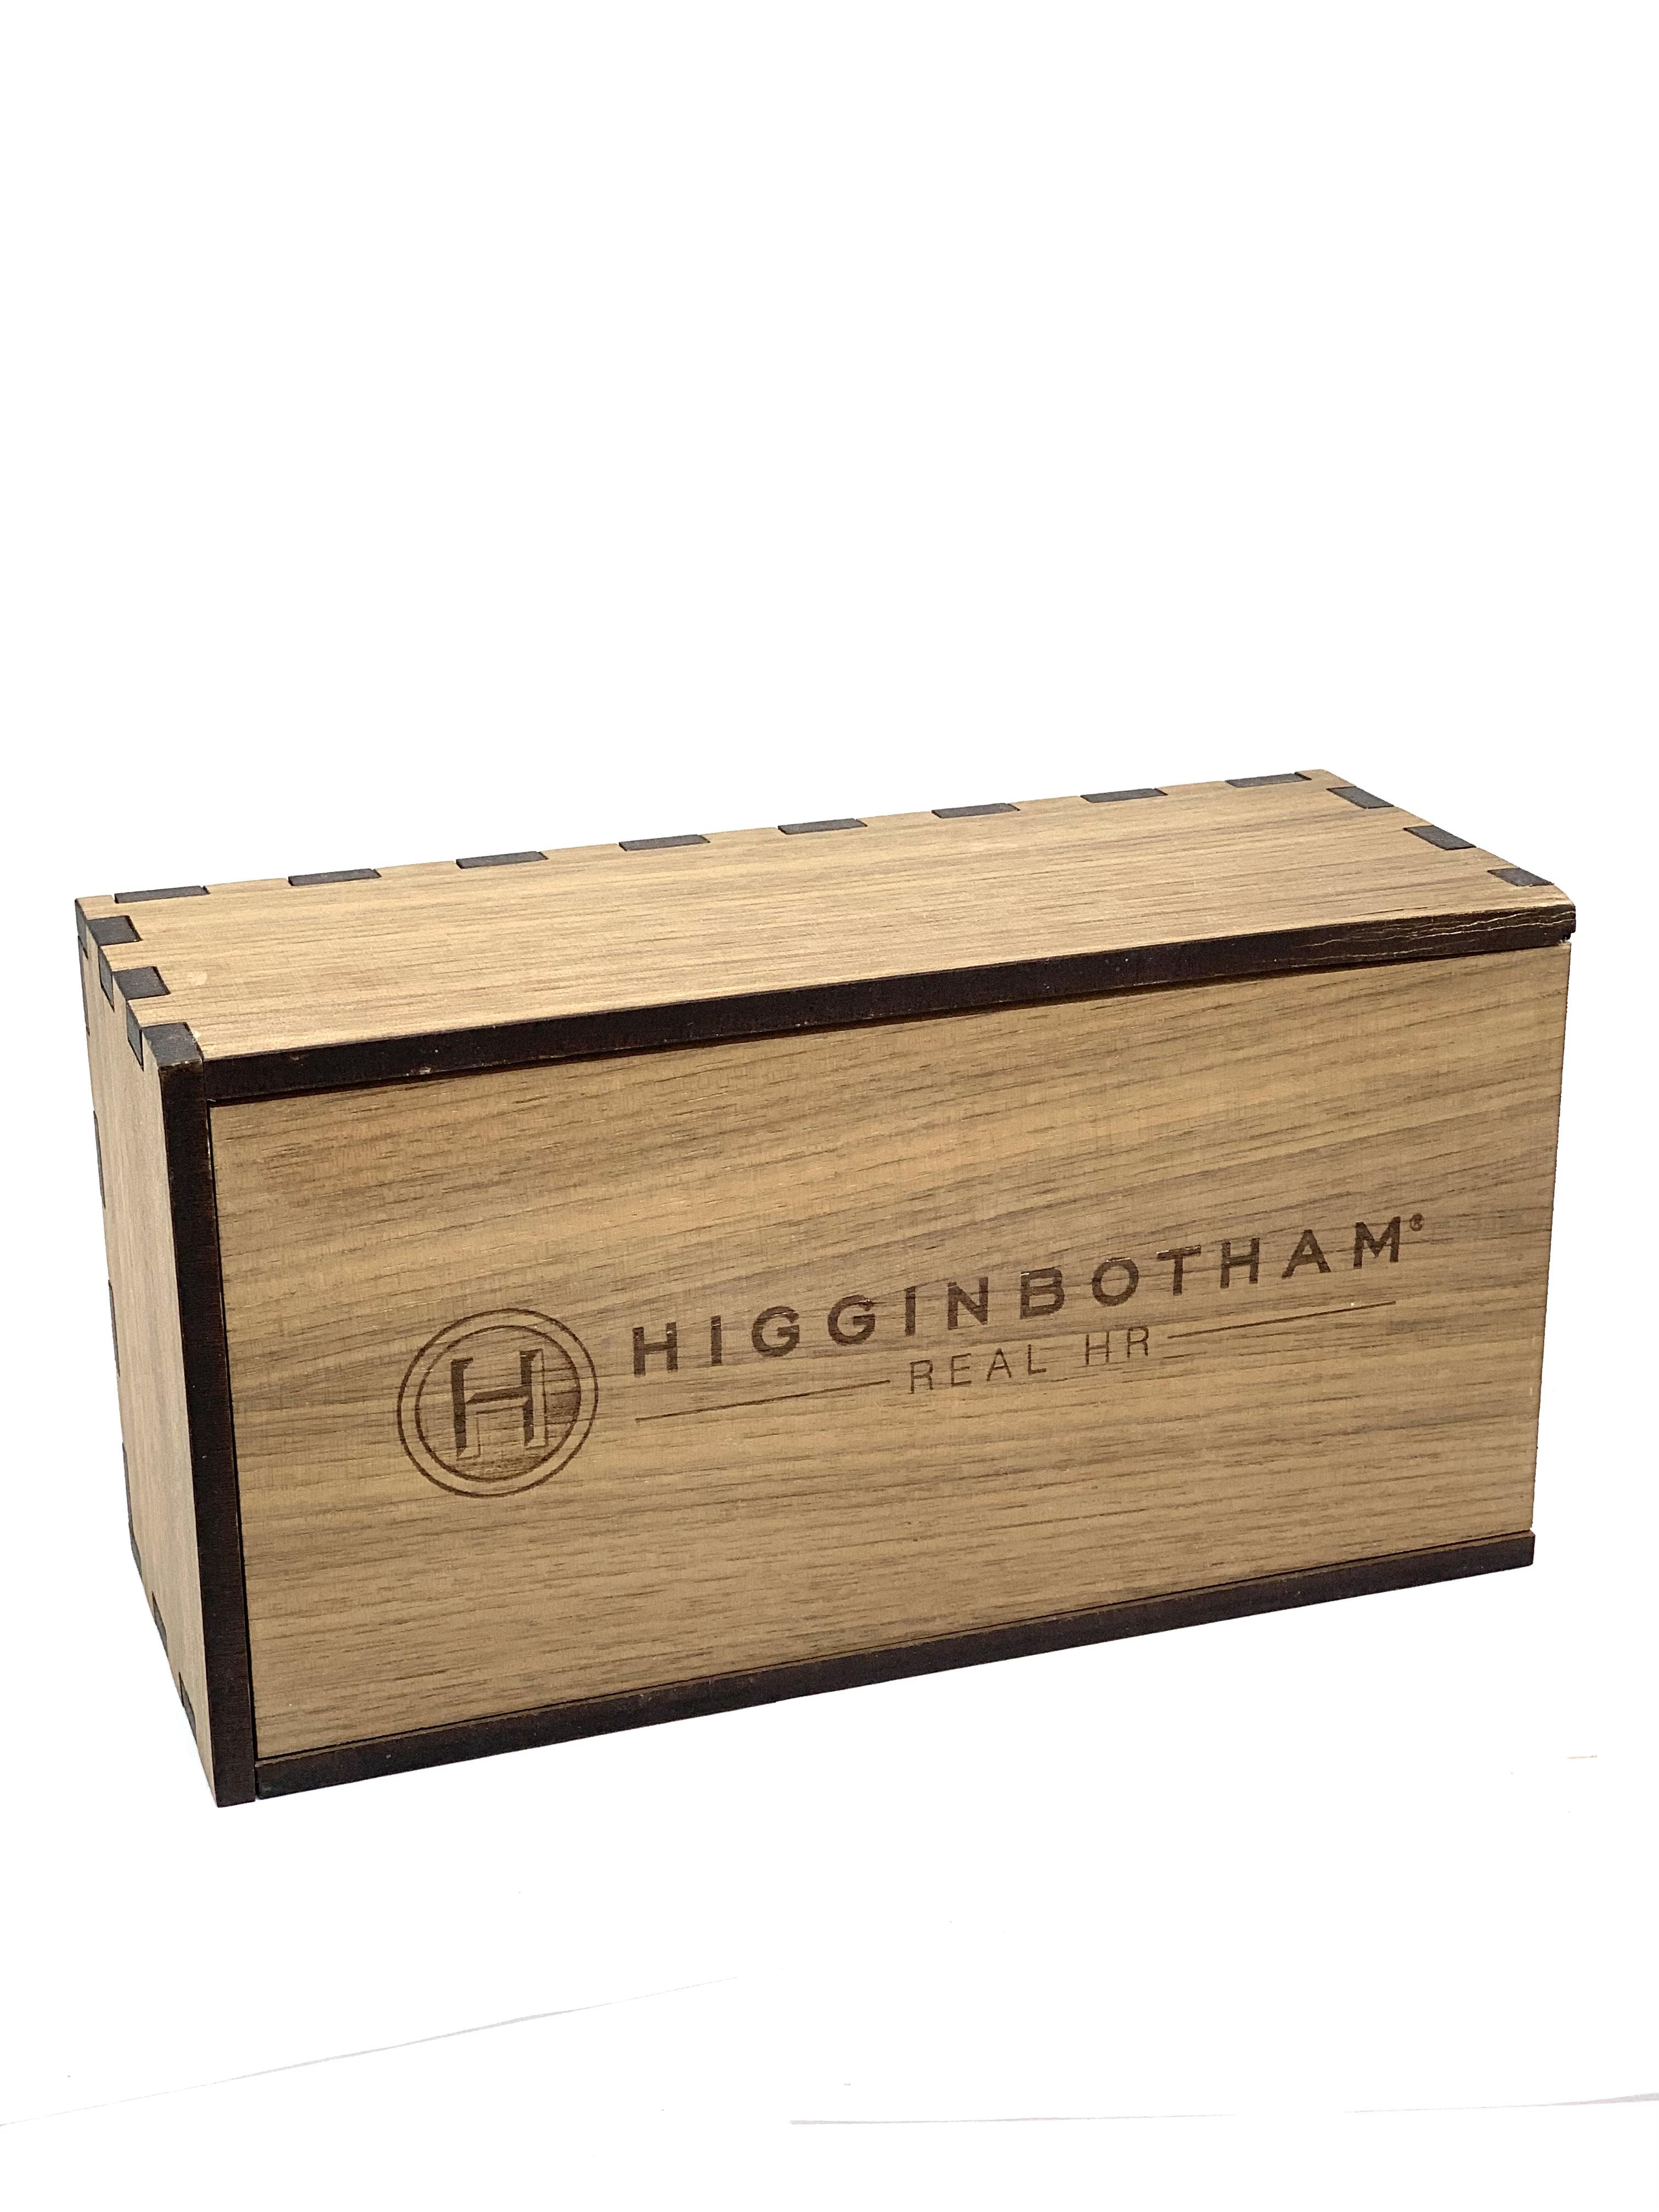 Higginbotham Custom Cheese Box